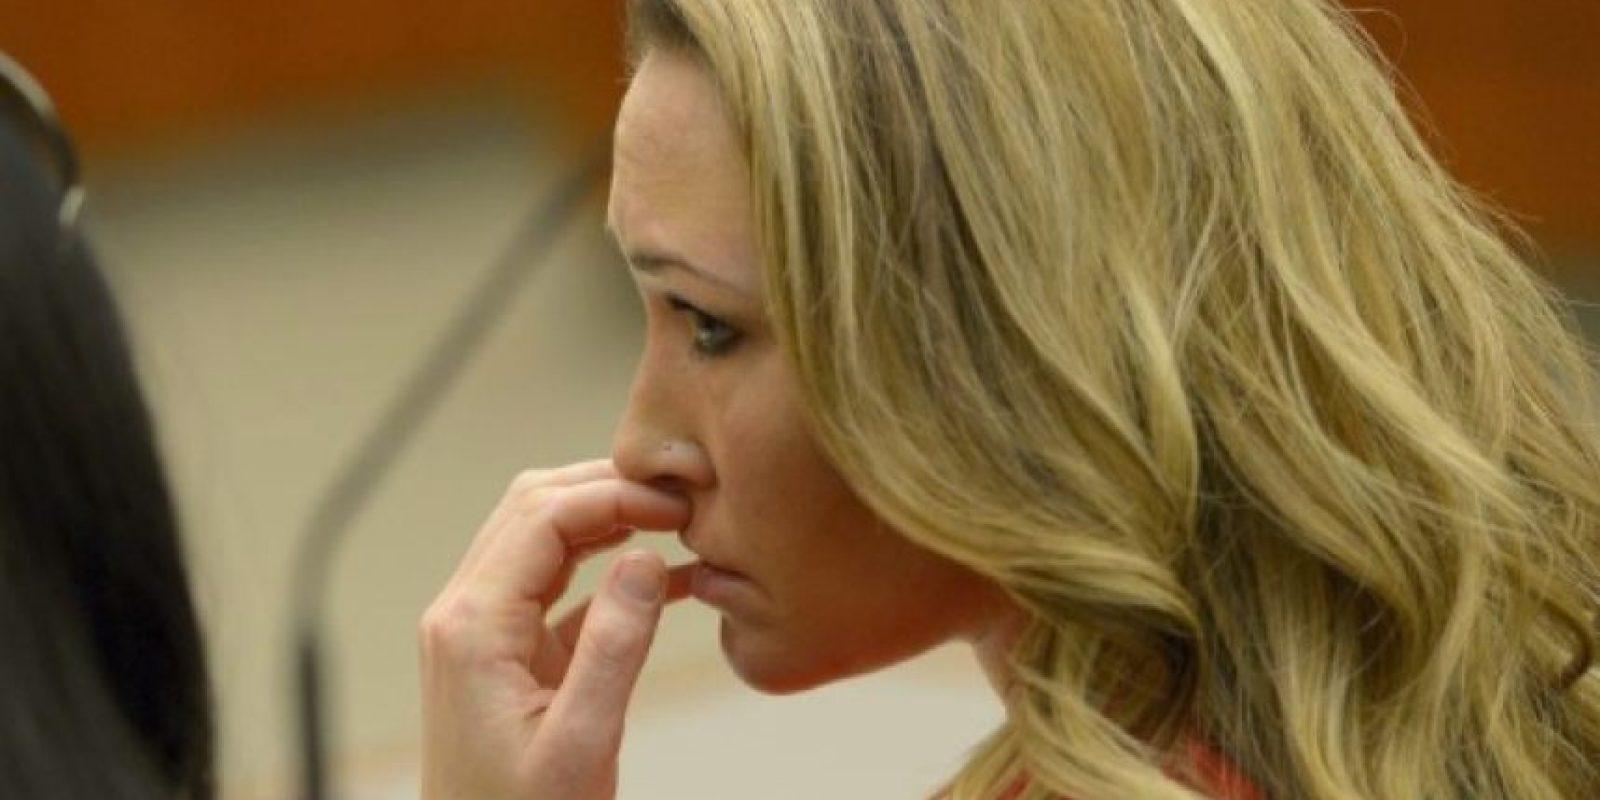 Otros casos similares son los de profesoras acusadas de tener sexo con sus alumnos, como los siguientes: Foto:AP